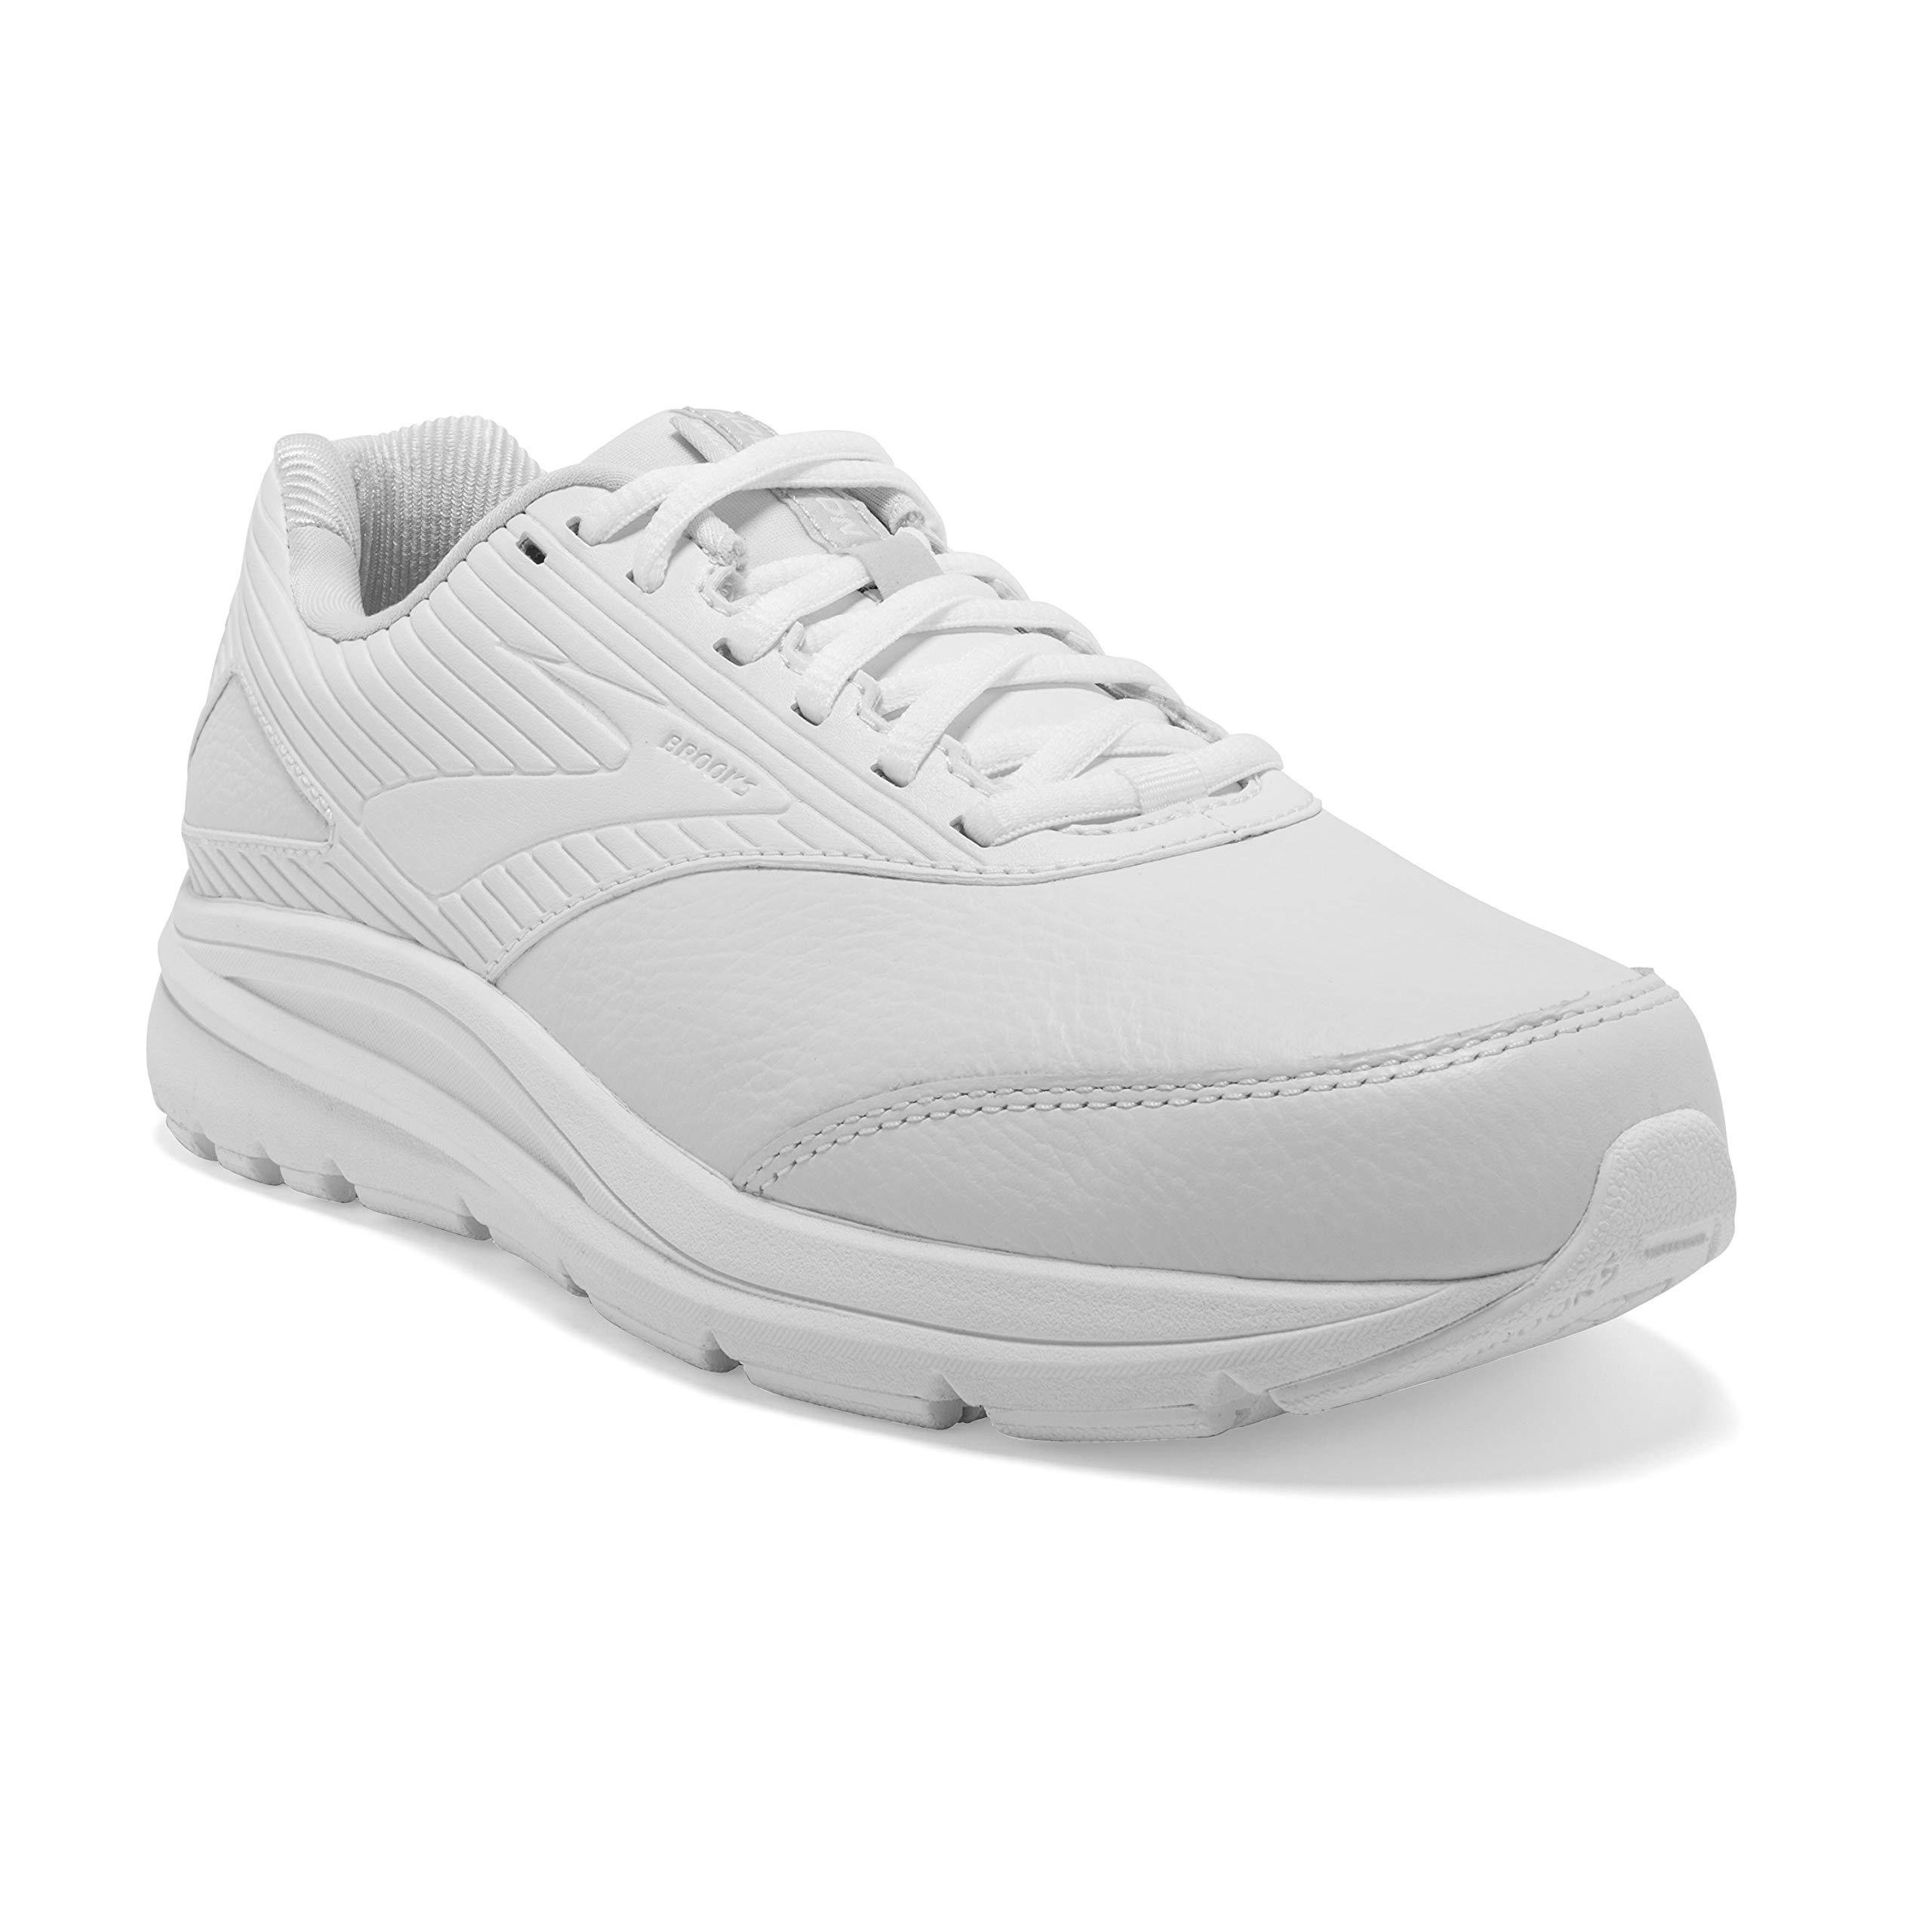 Brooks Womens Addiction Walker 2 Walking Shoe